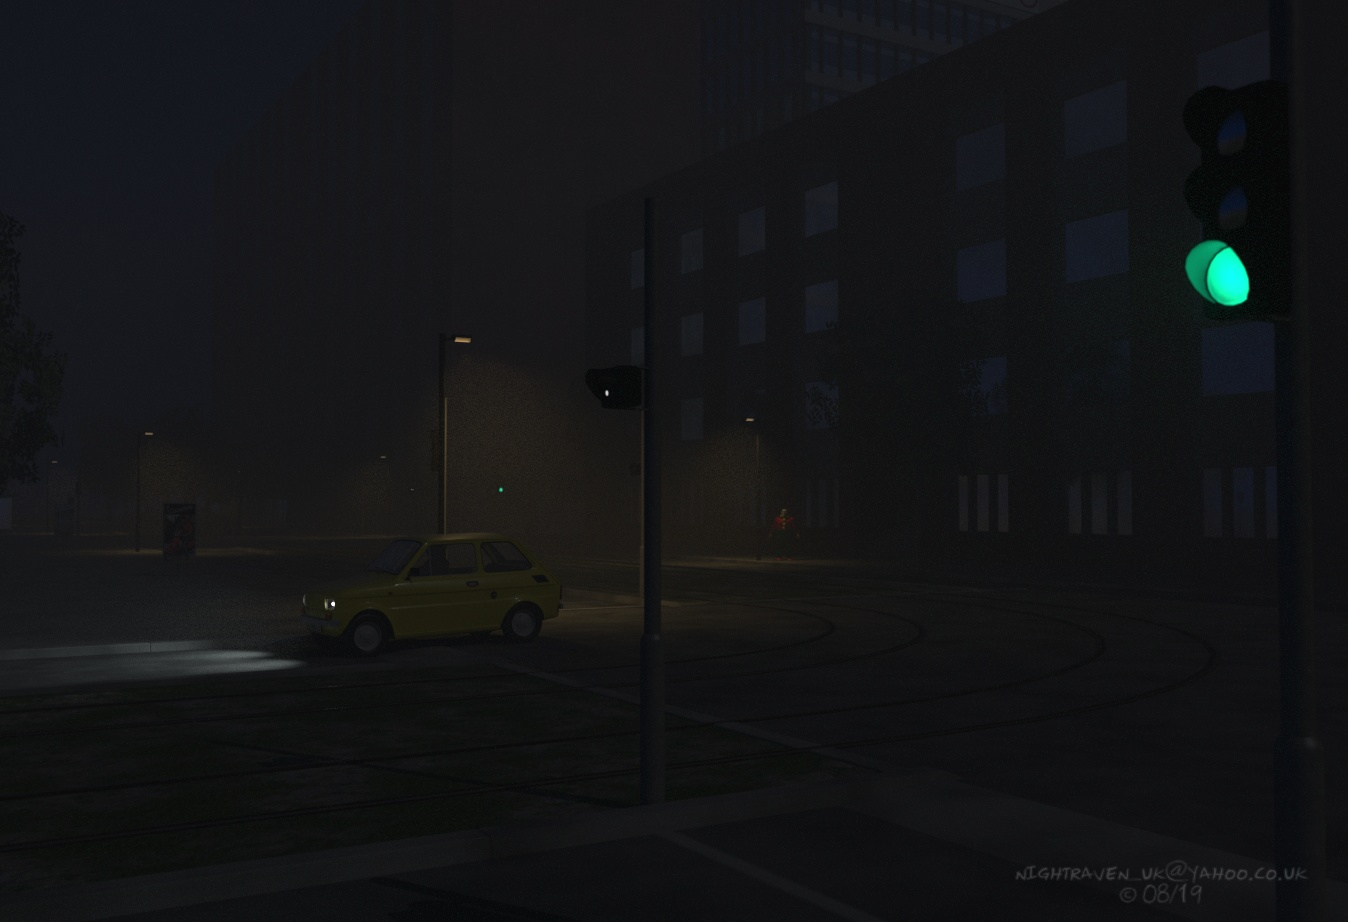 foggy_night_in_a_Fiat.jpg